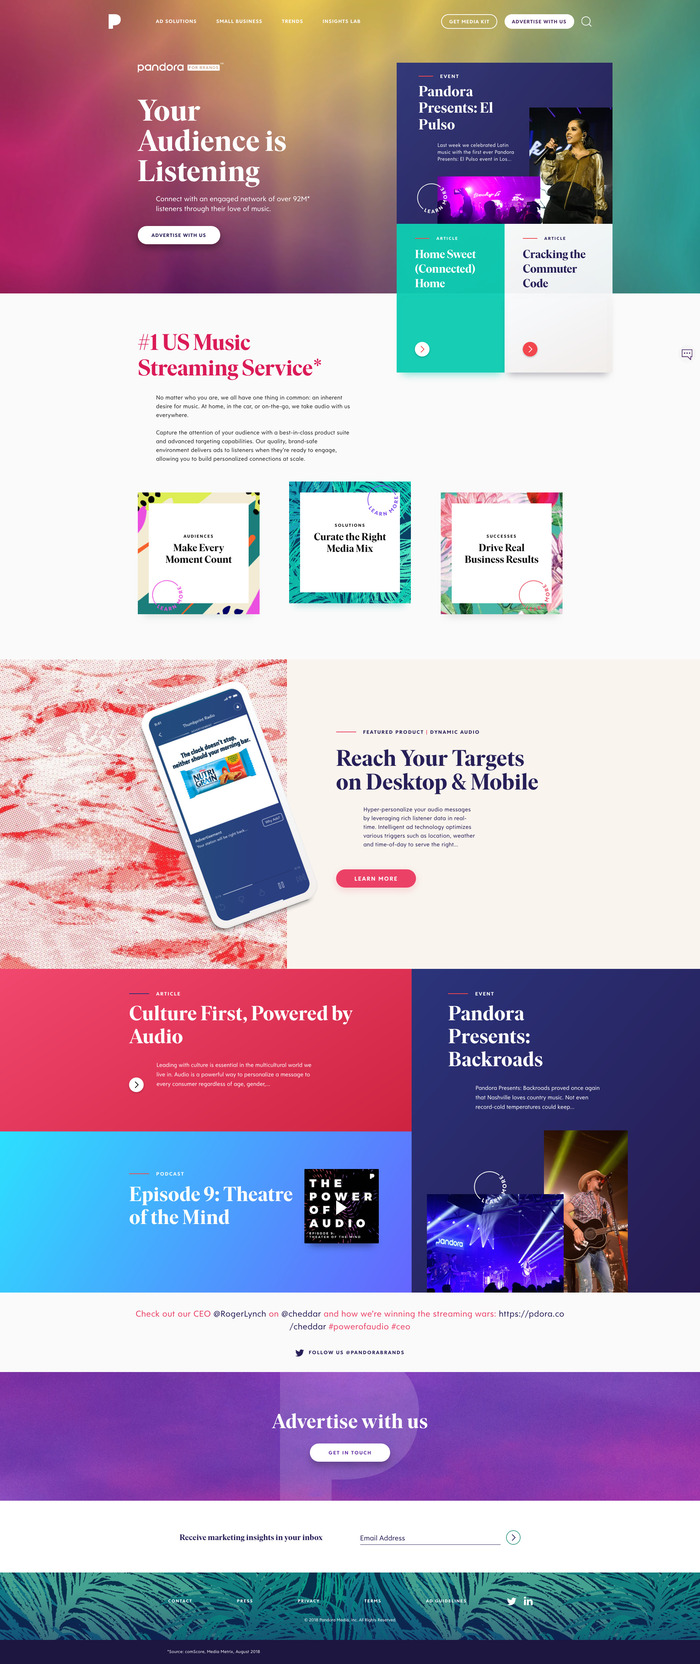 Pandora for Brands 2